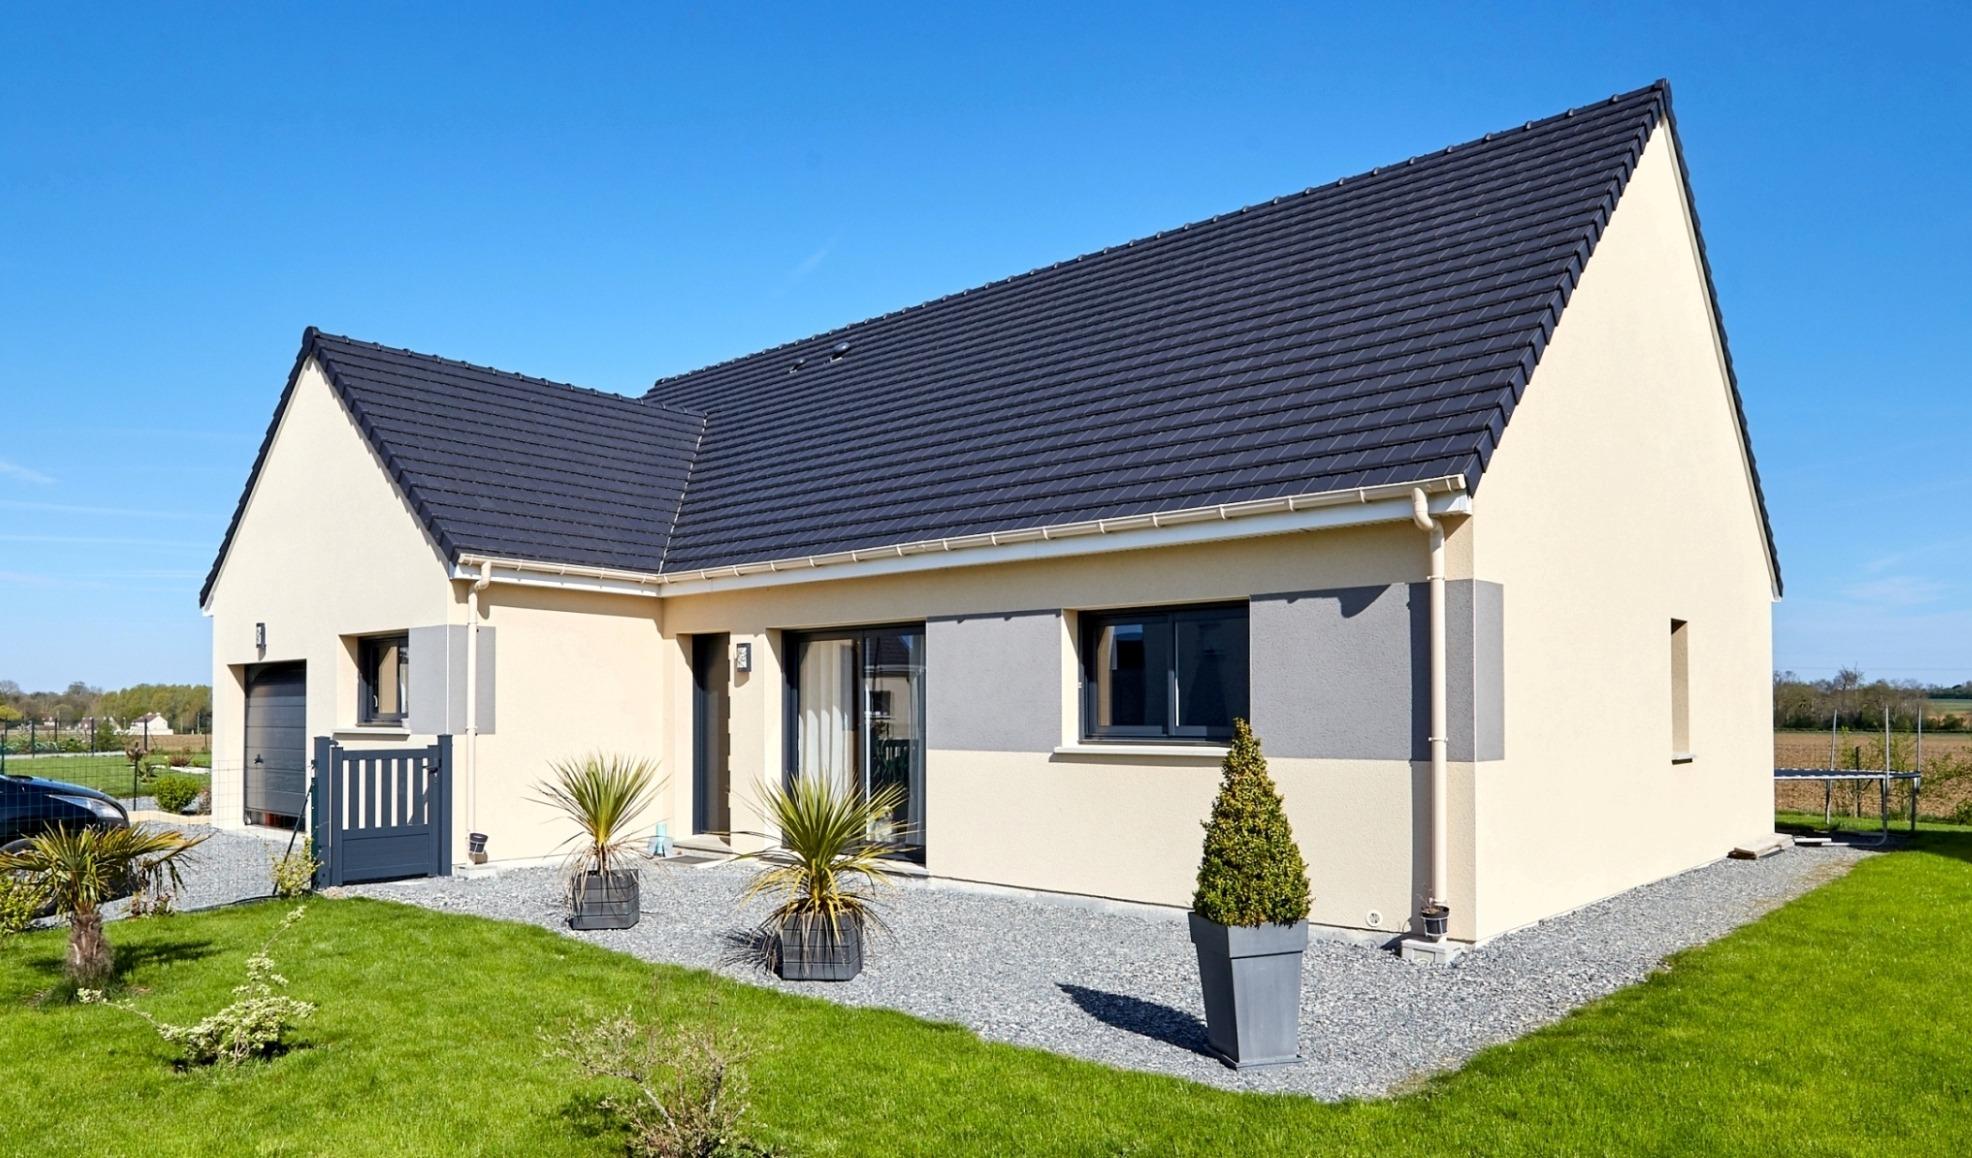 Votre maison + terrain à Saint-Denis-le-Thiboult  - 76116